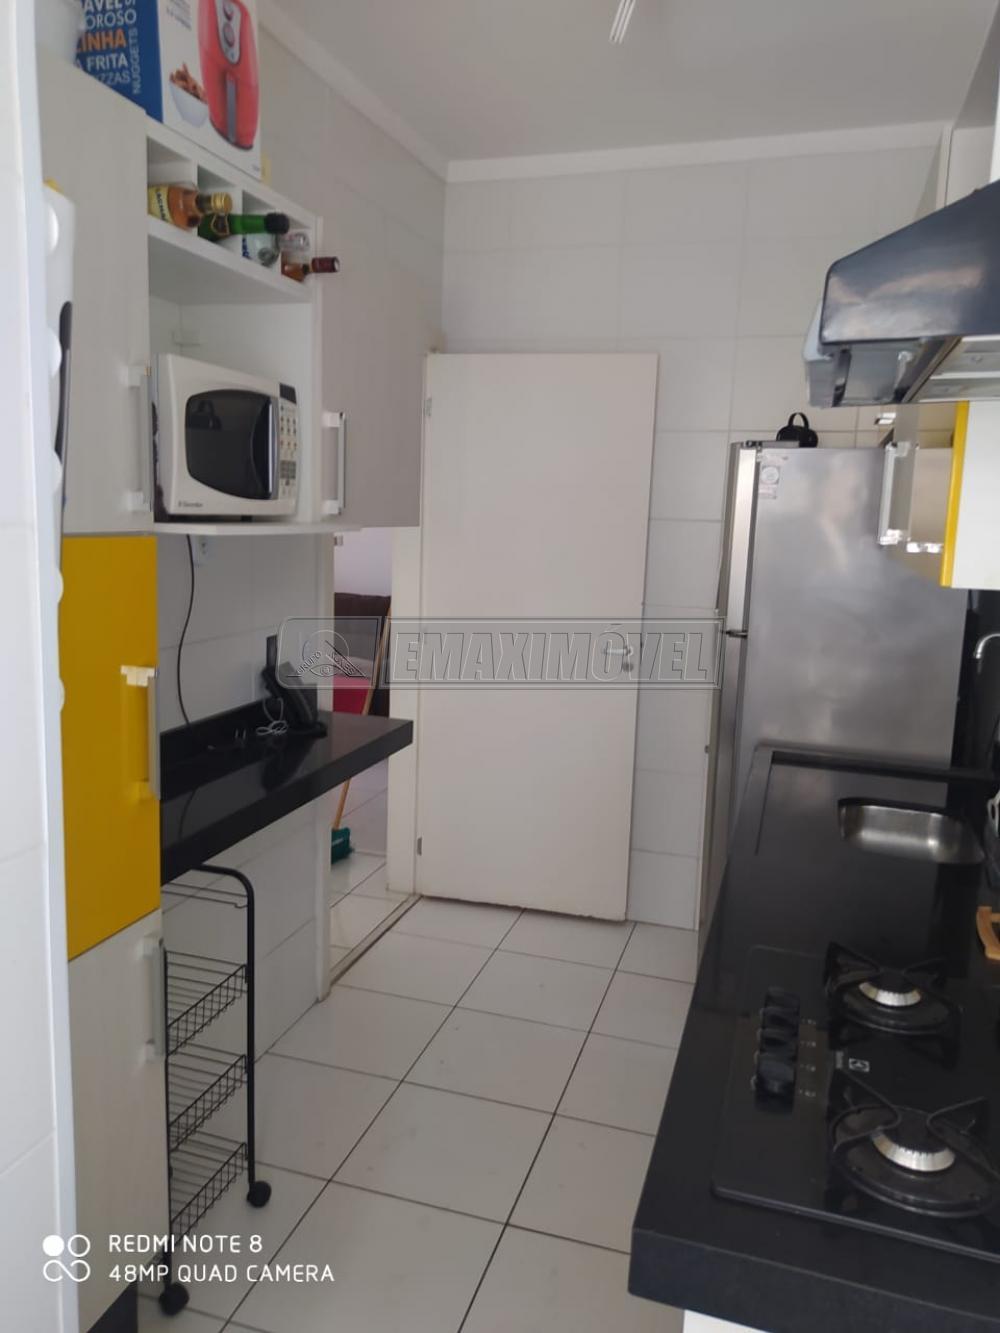 Alugar Apartamentos / Apto Padrão em Sorocaba apenas R$ 1.350,00 - Foto 6